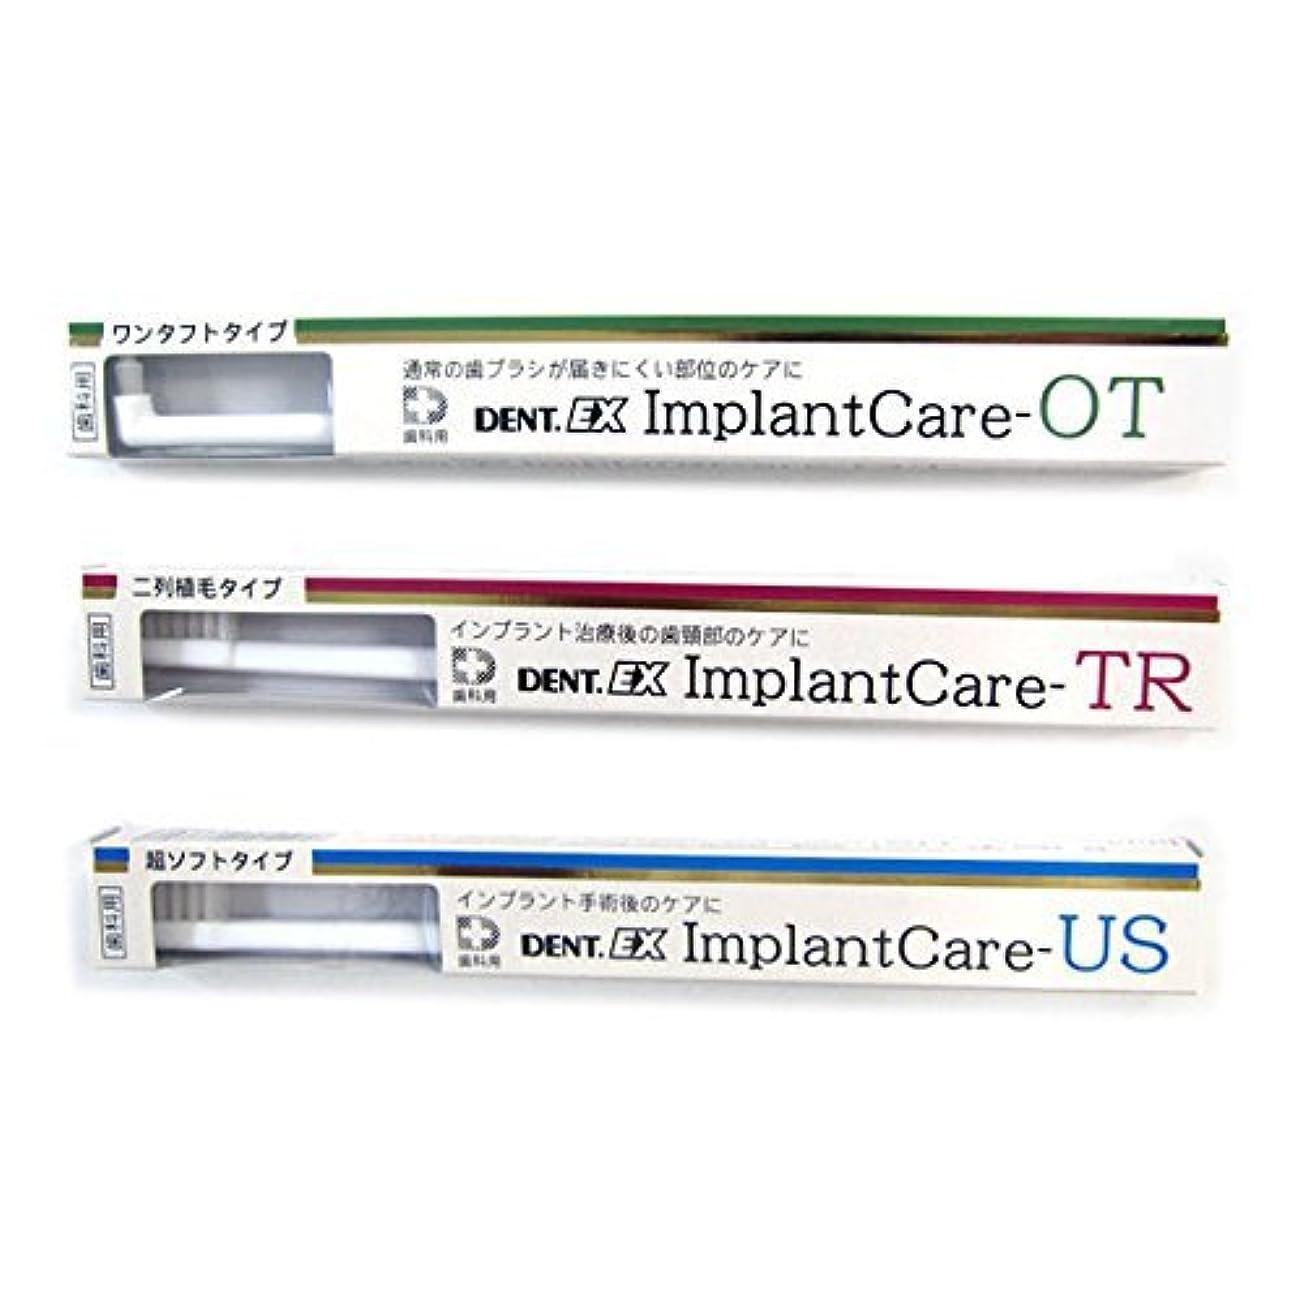 潜在的な罪悪感手綱デント DENT EX ImplantCare インプラントケア 単品 OT(ワンタフト)